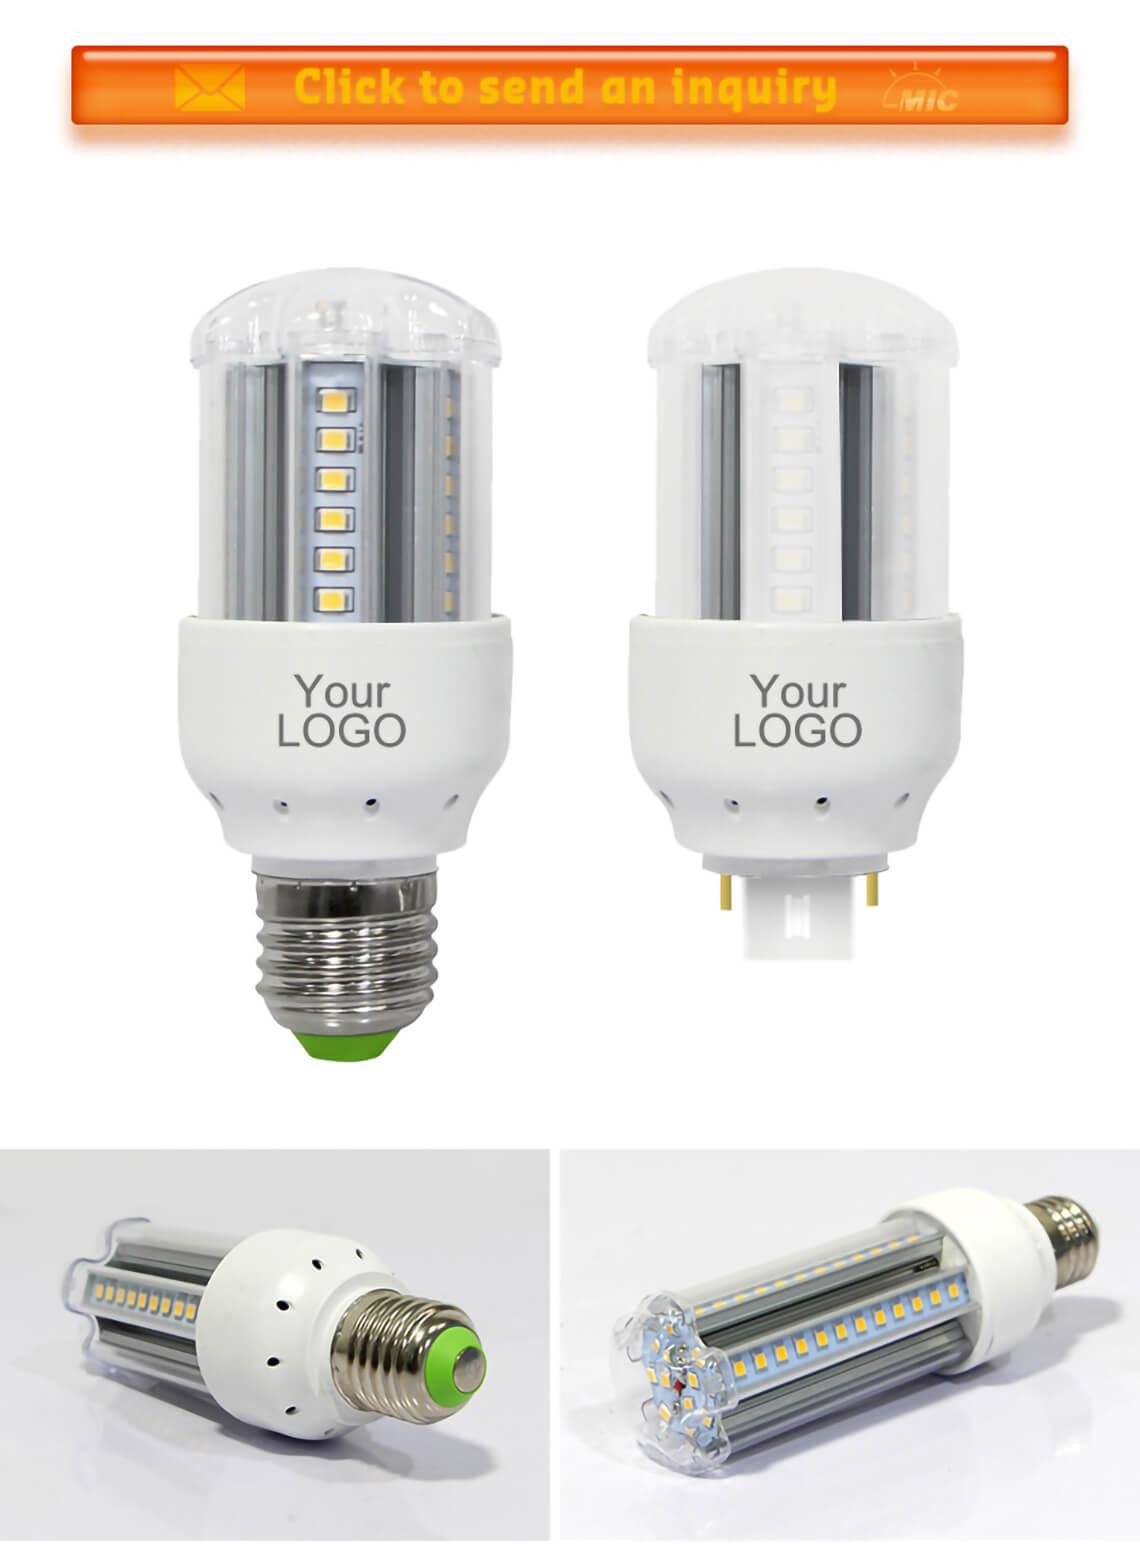 12w led corn light bulb-detail-2